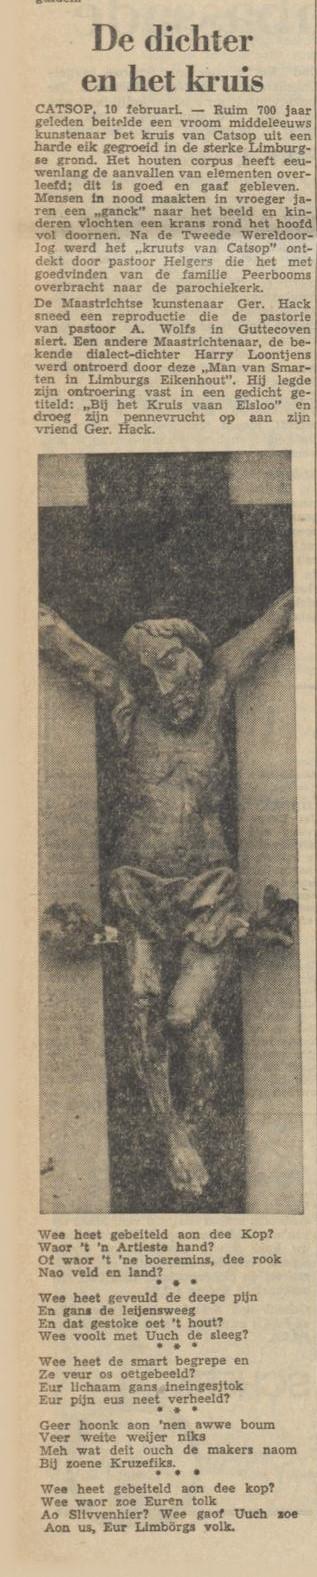 10-02-1965 kruis peerbooms